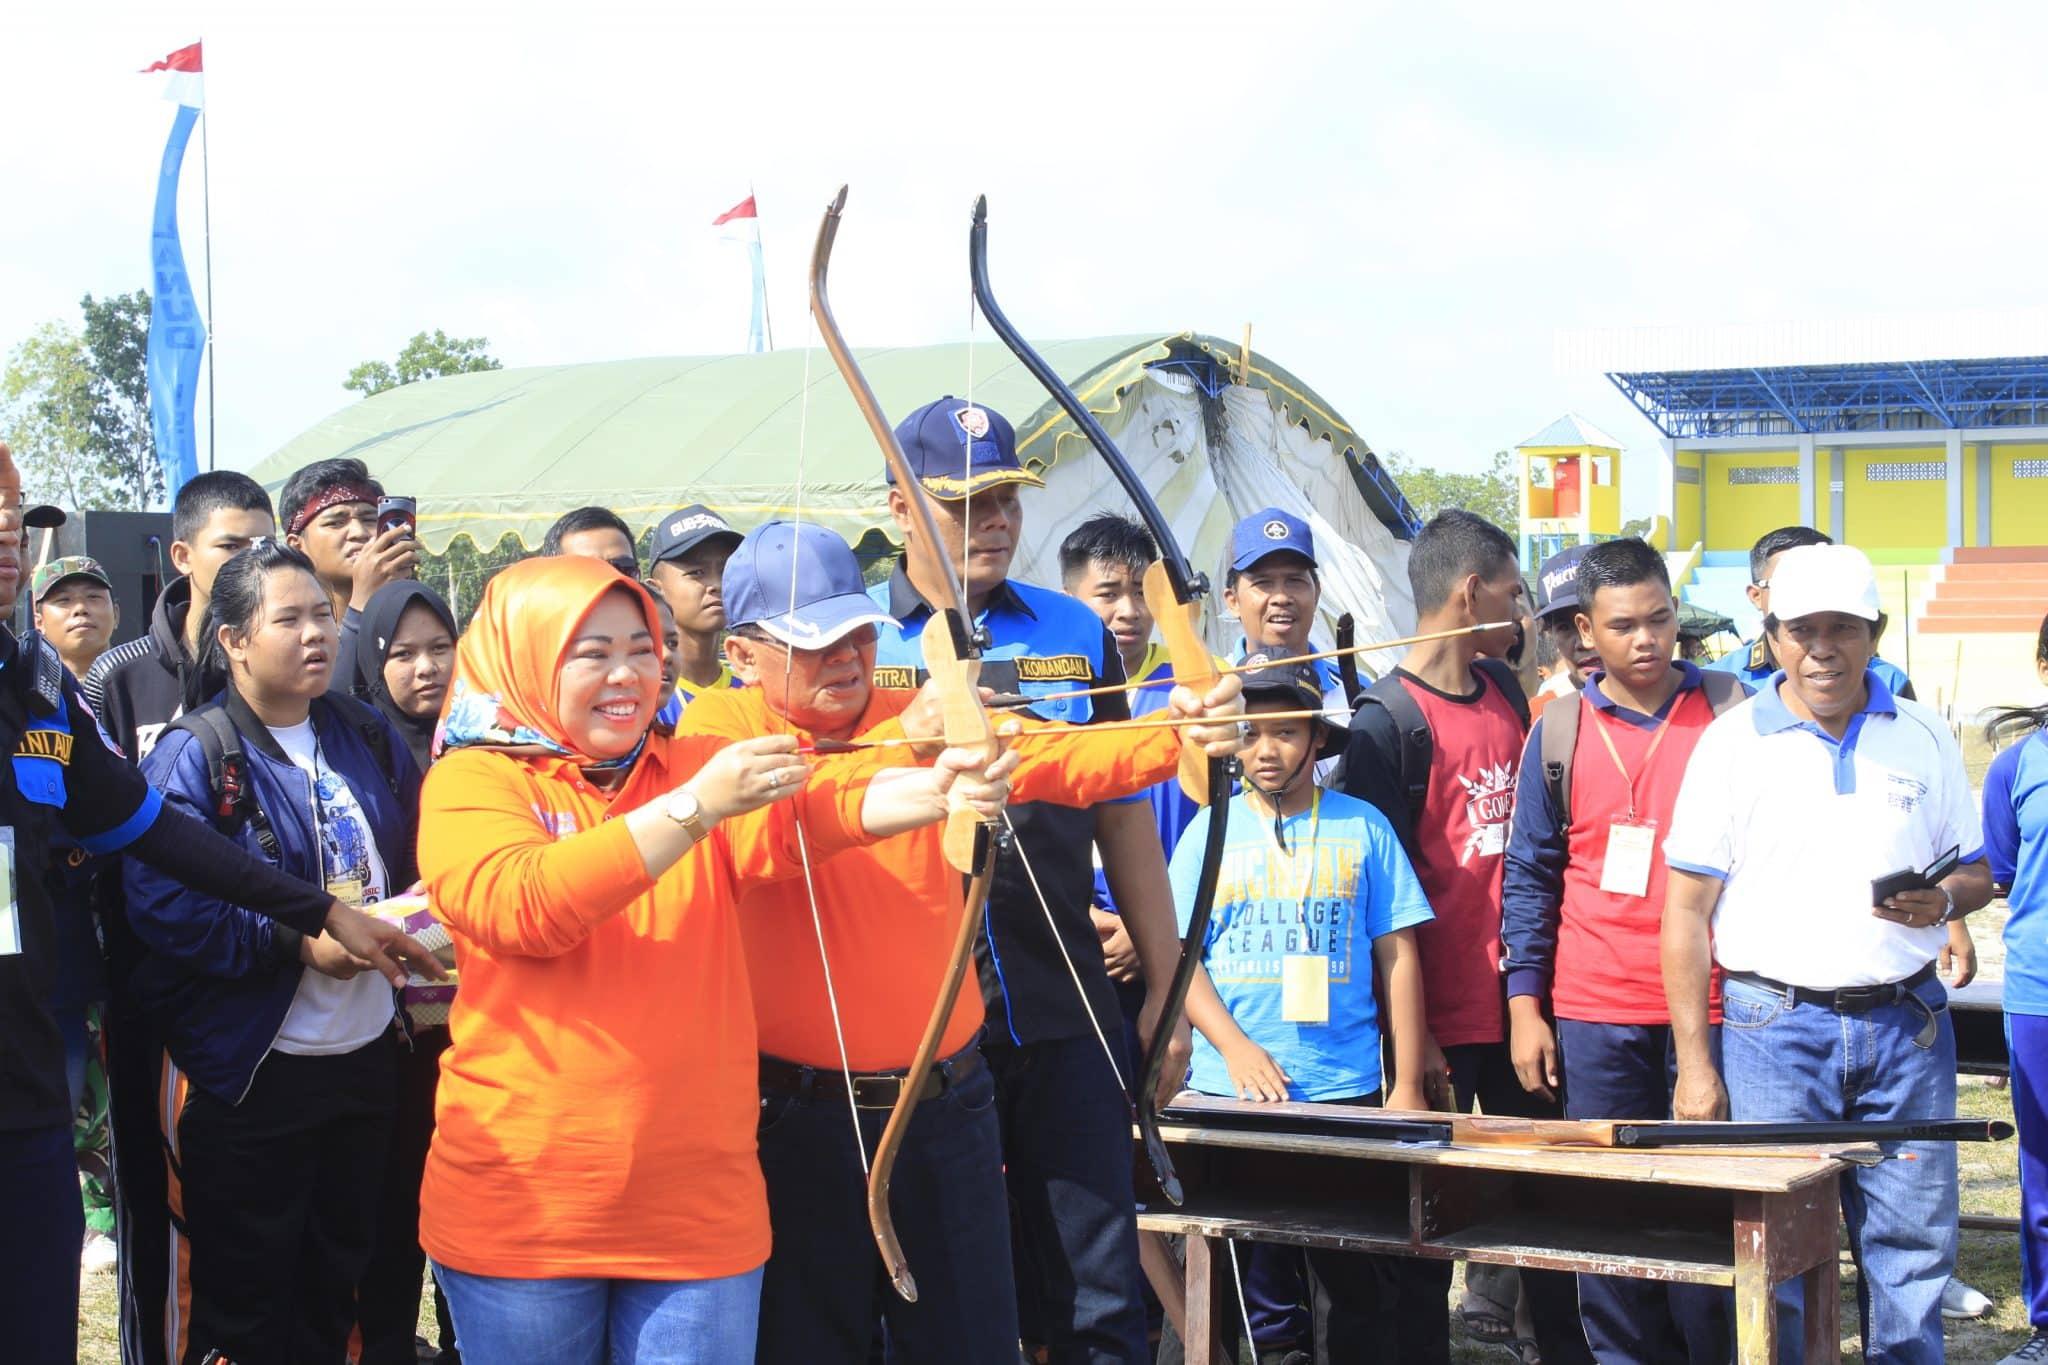 Lanud Iskandar Adakan Lomba Panahan dan Menyumpit Dalam Rangka Bulan Dirgantara